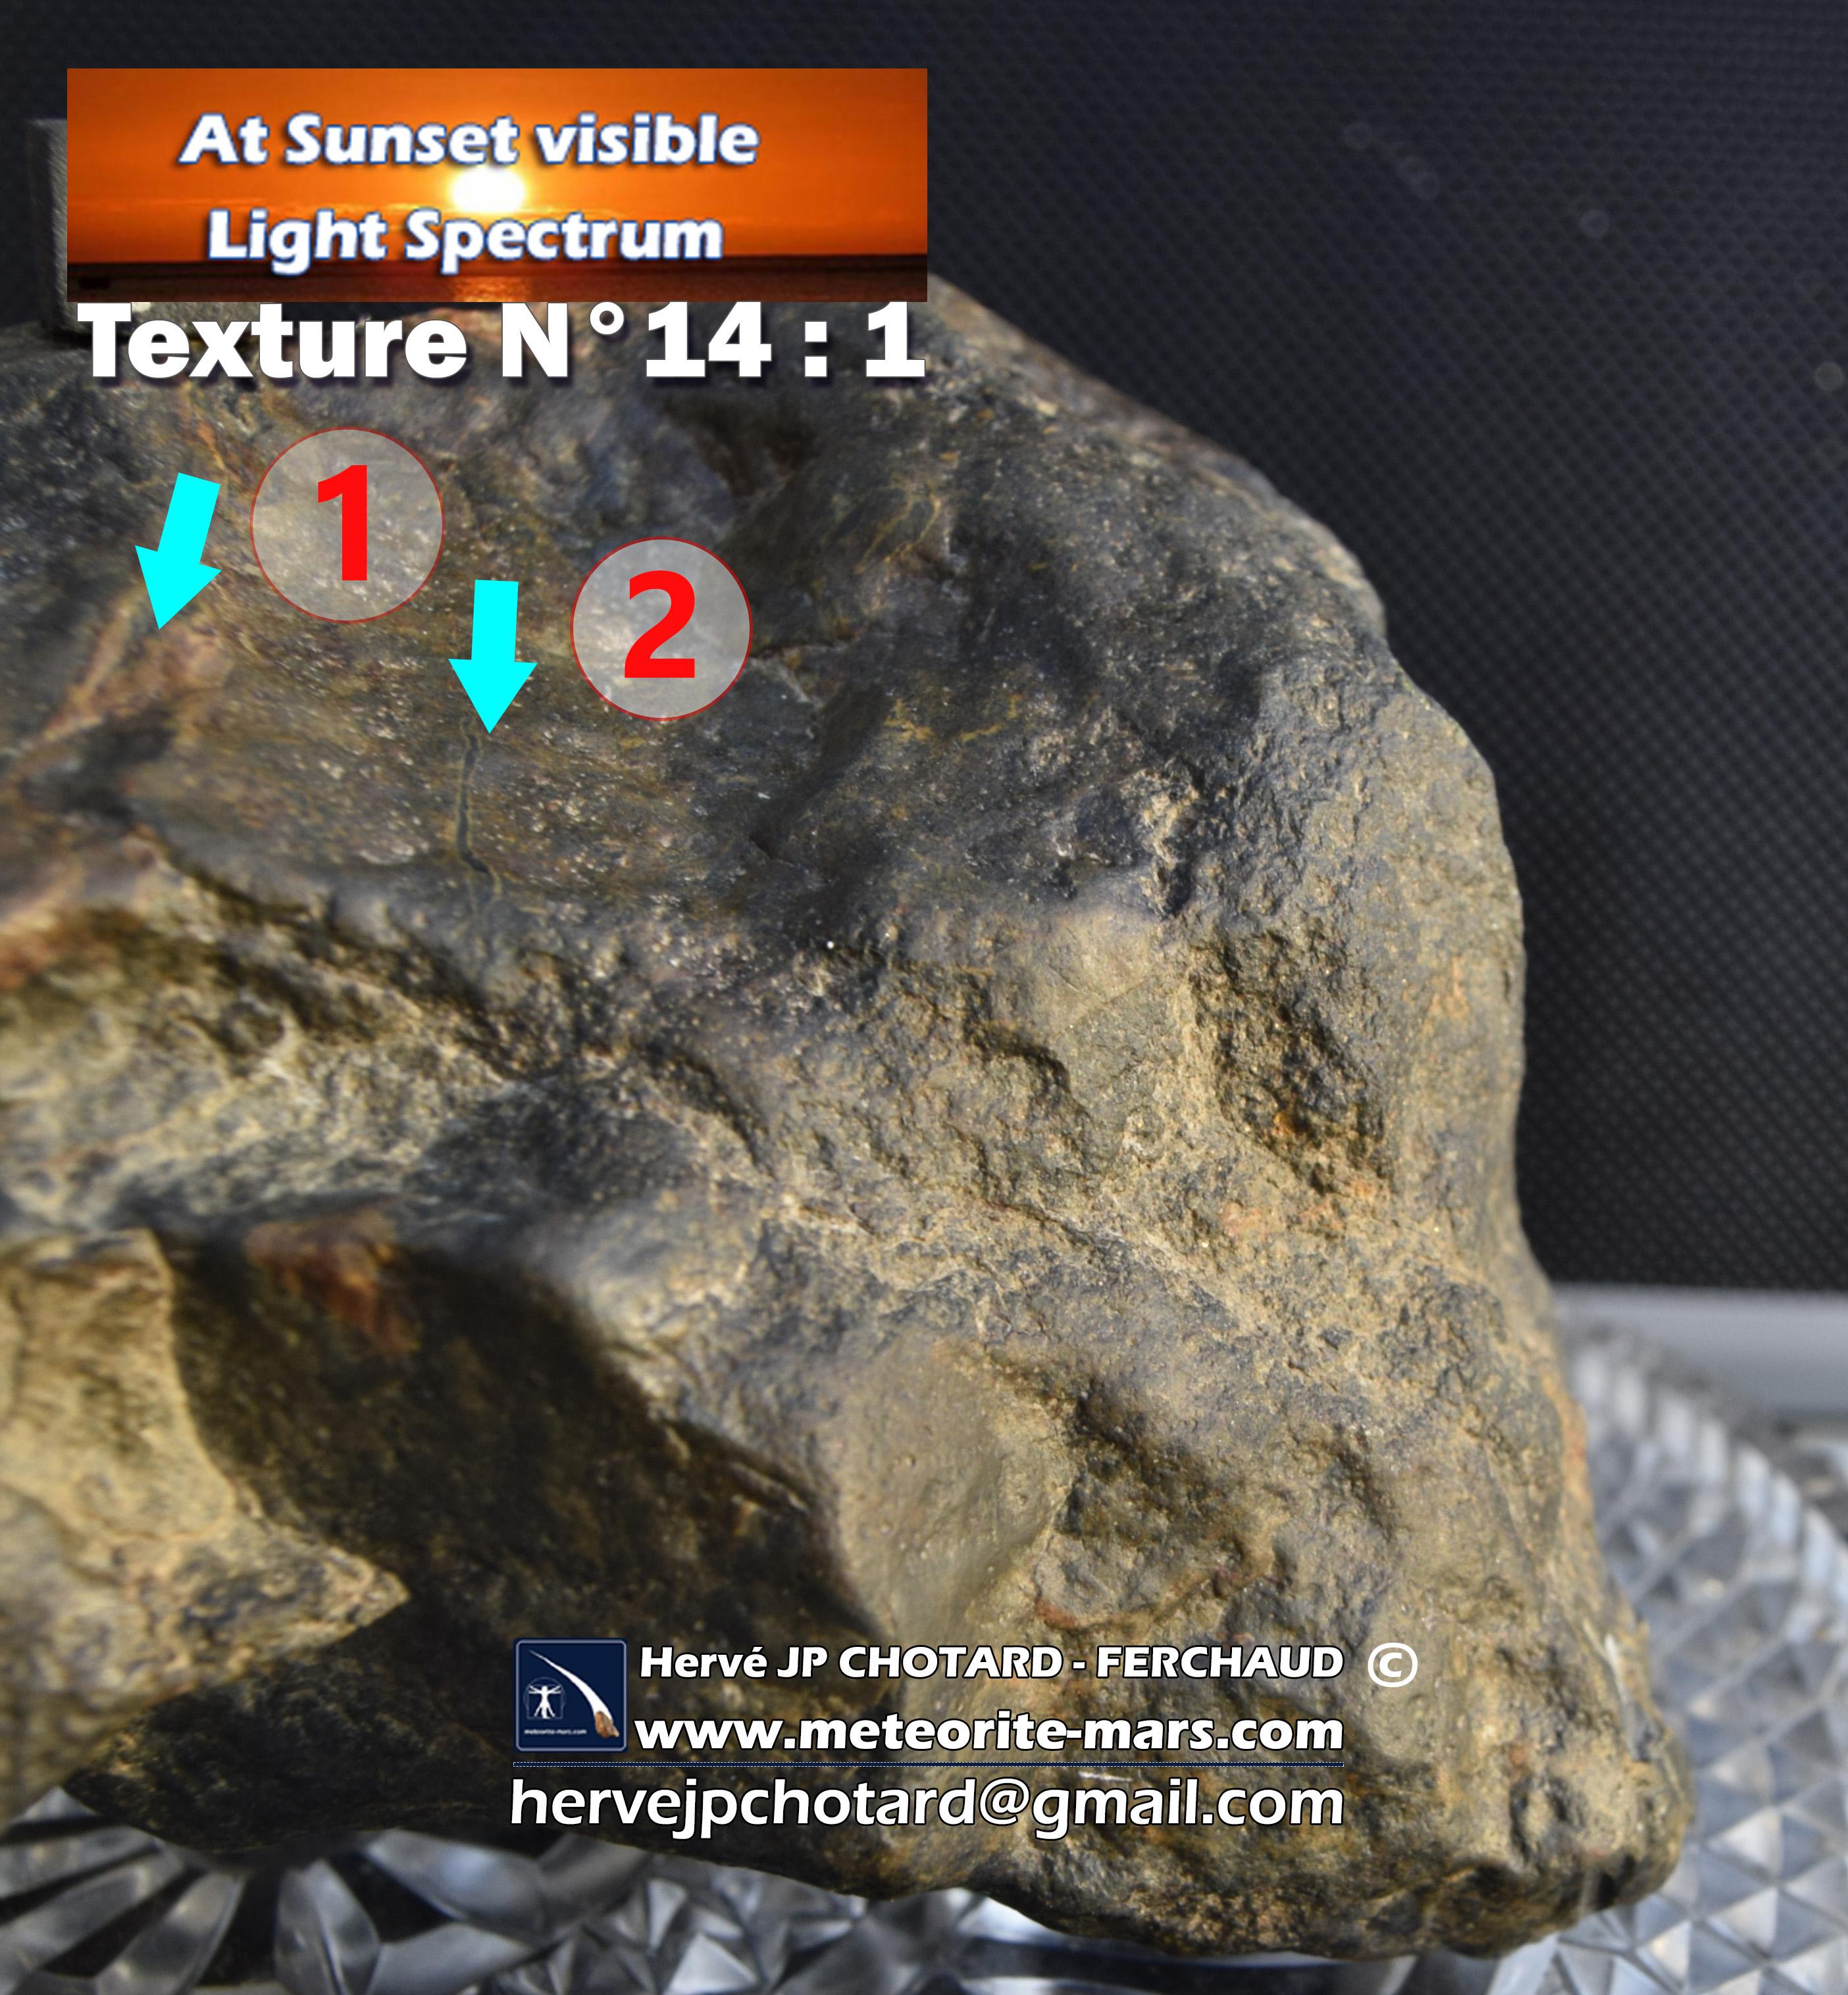 Texture N°14-1 meteorite-mars.com